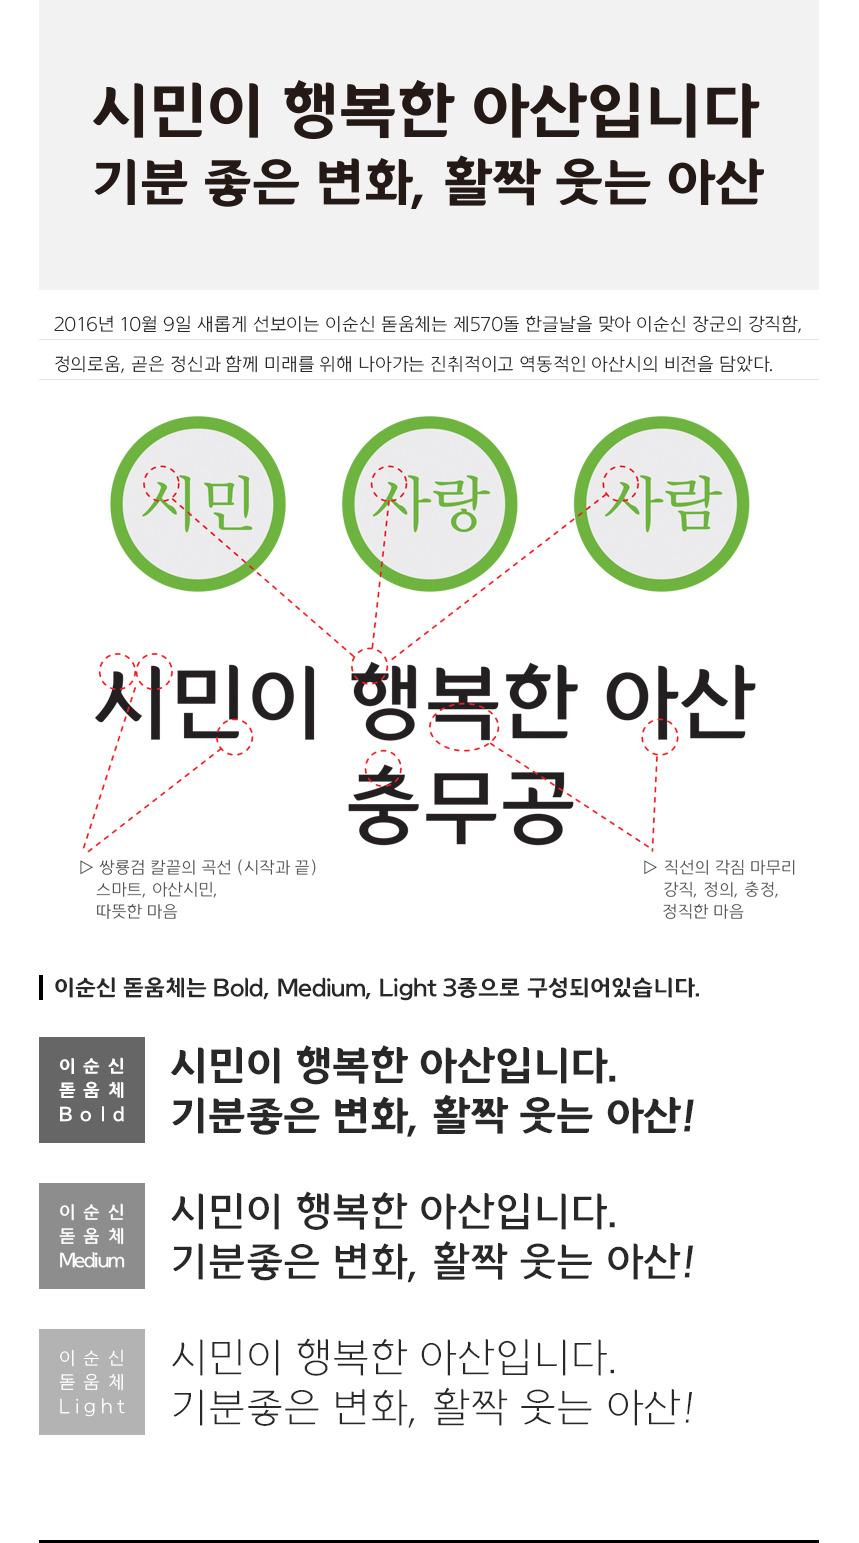 2 가지 무료 한글폰트 : 이순신체, 이순신돋움체 - 2 Free Asan Korean Font